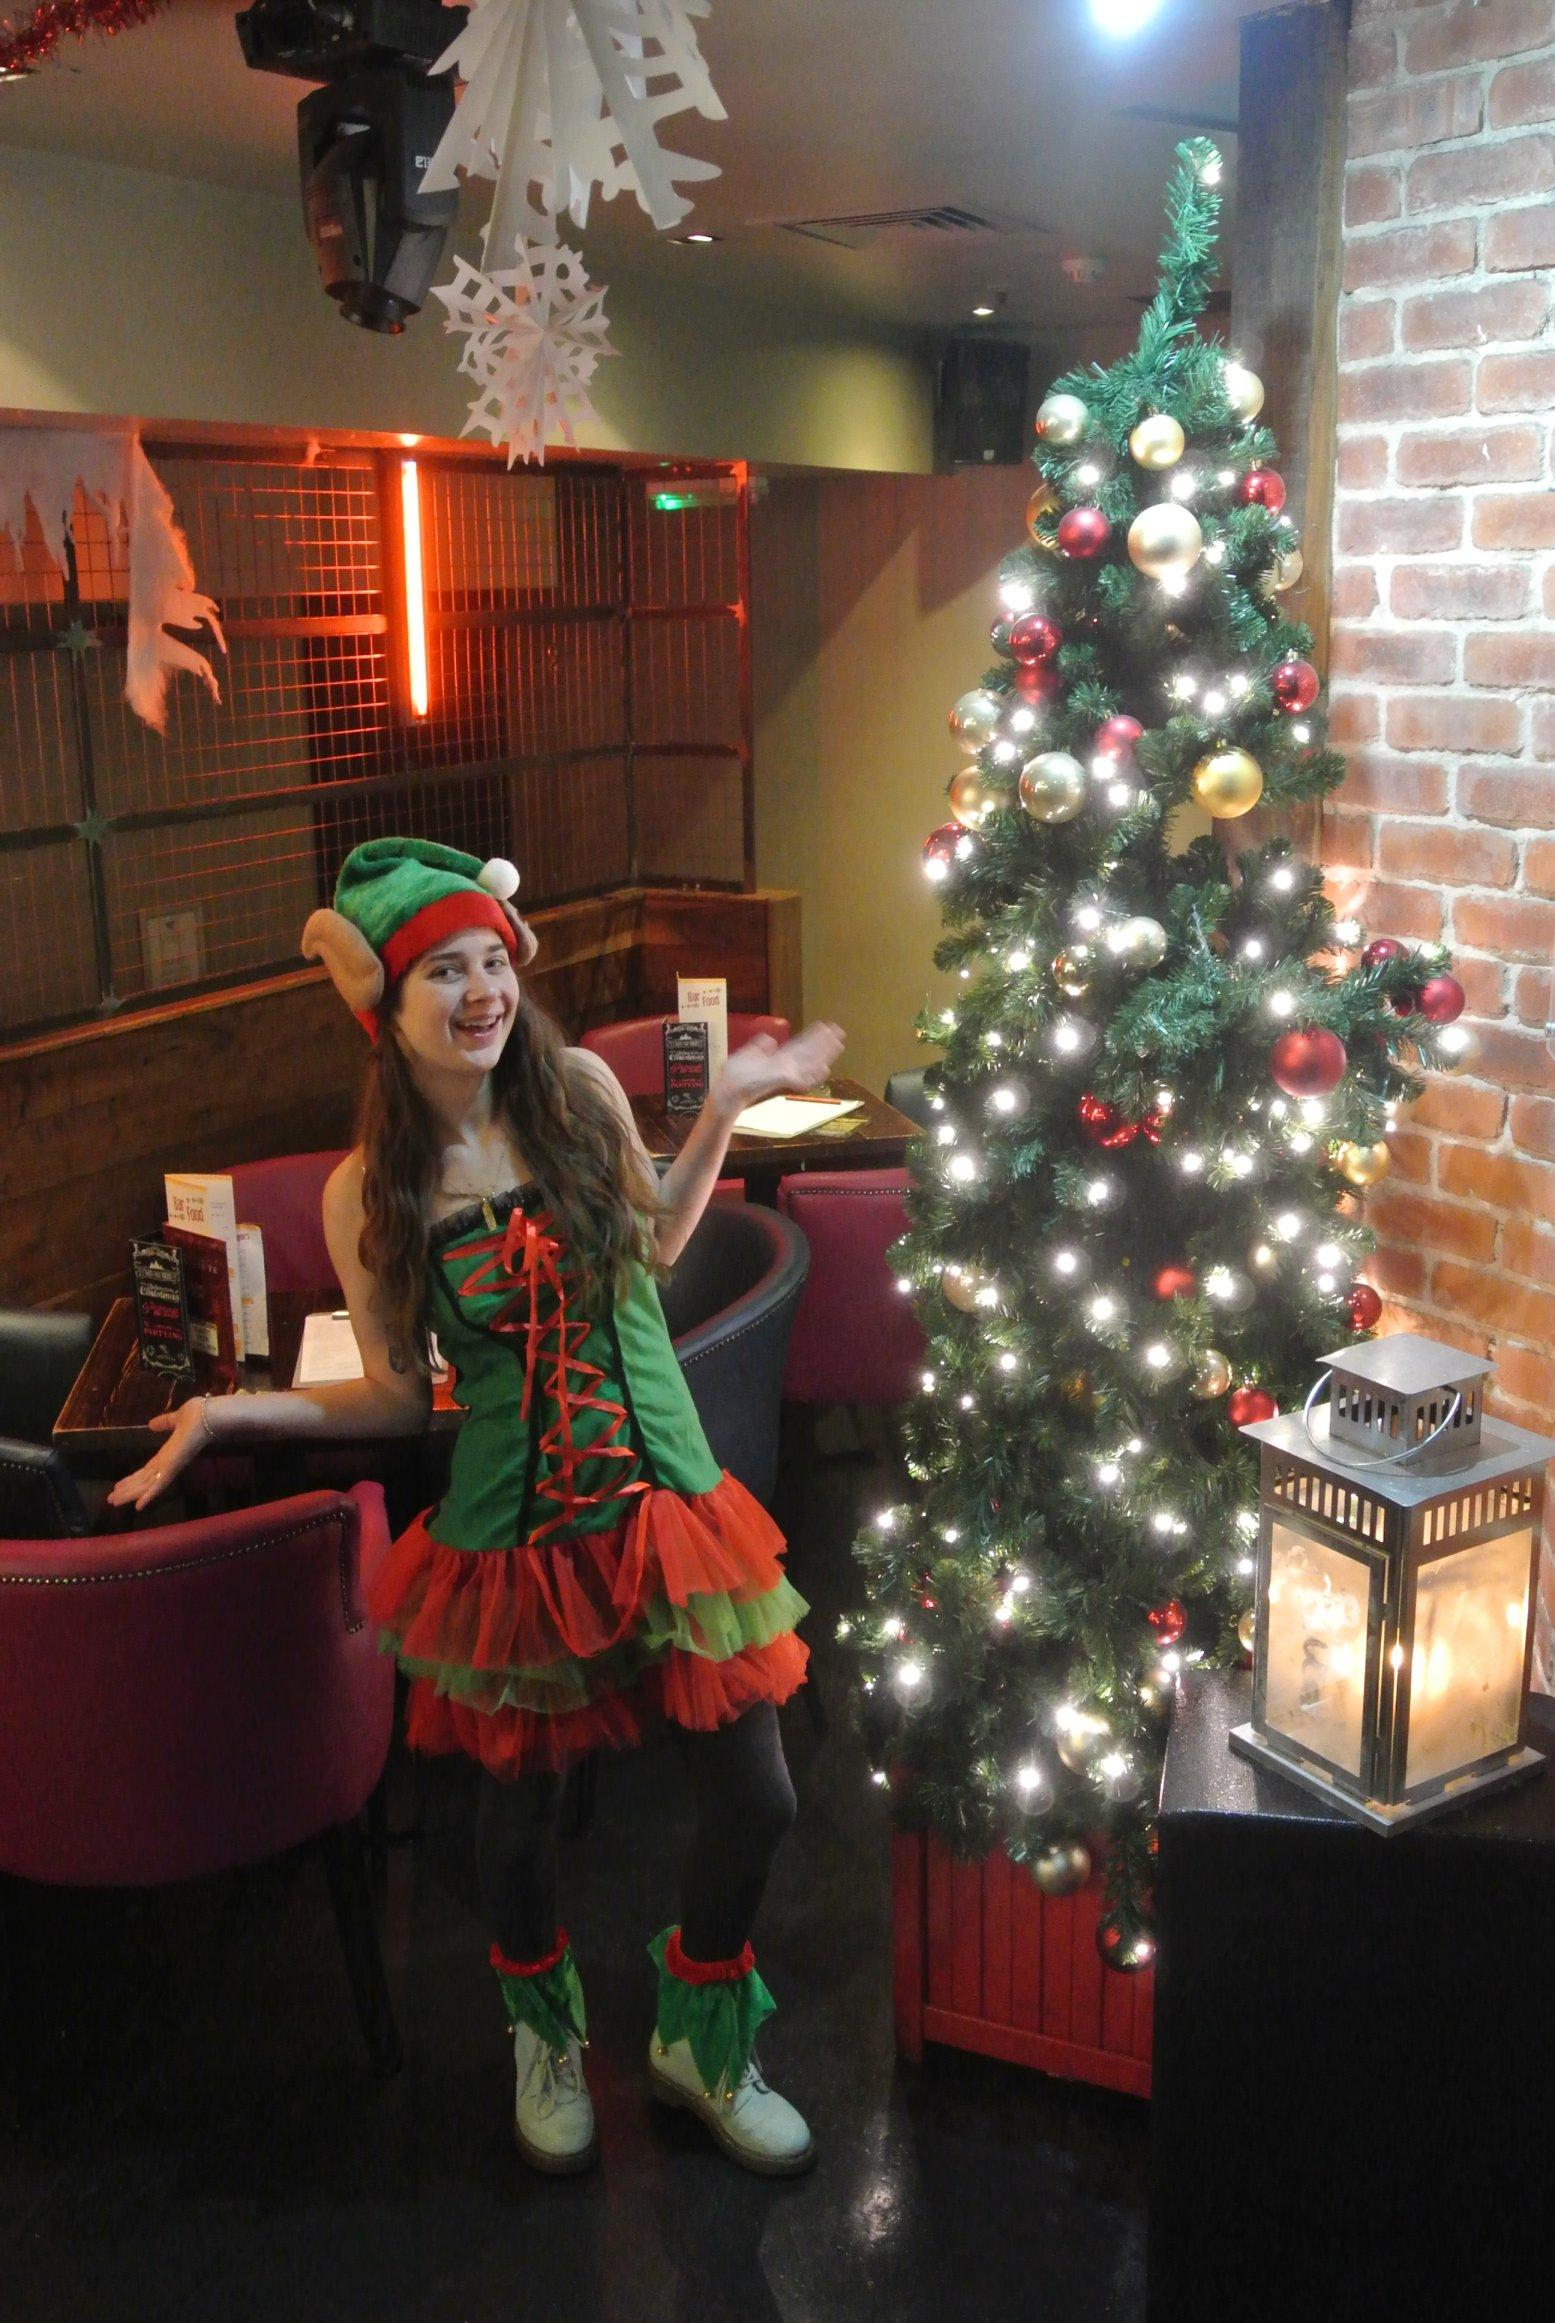 Jingle Belle by Ian Thirkettle